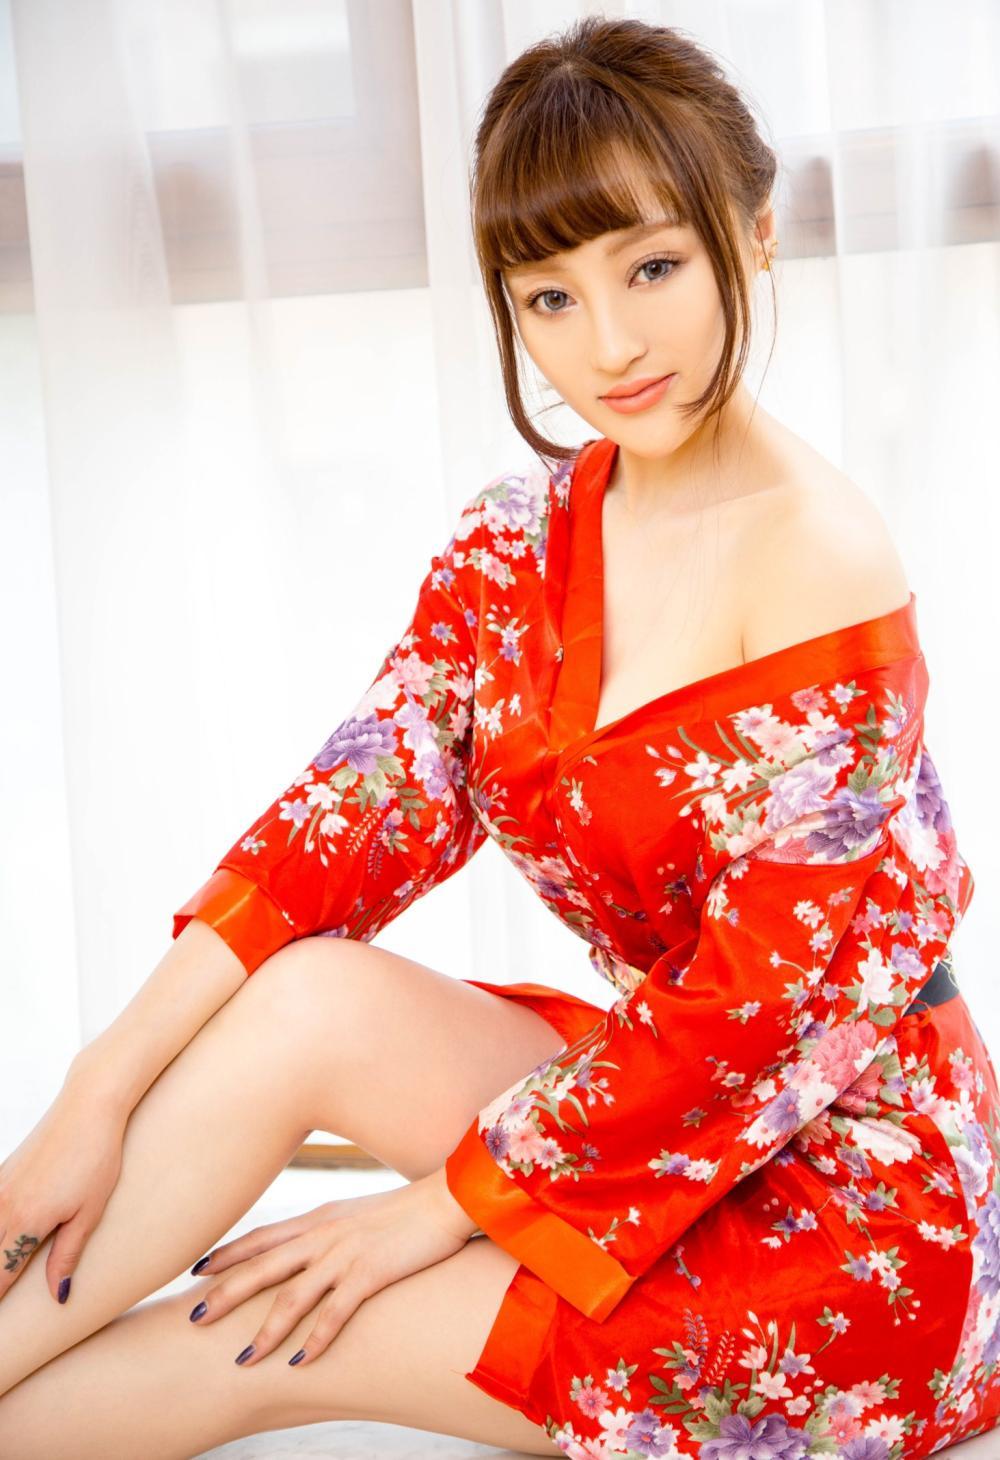 俏美女生, 用一件印花红裙来展示自己的小情调 4